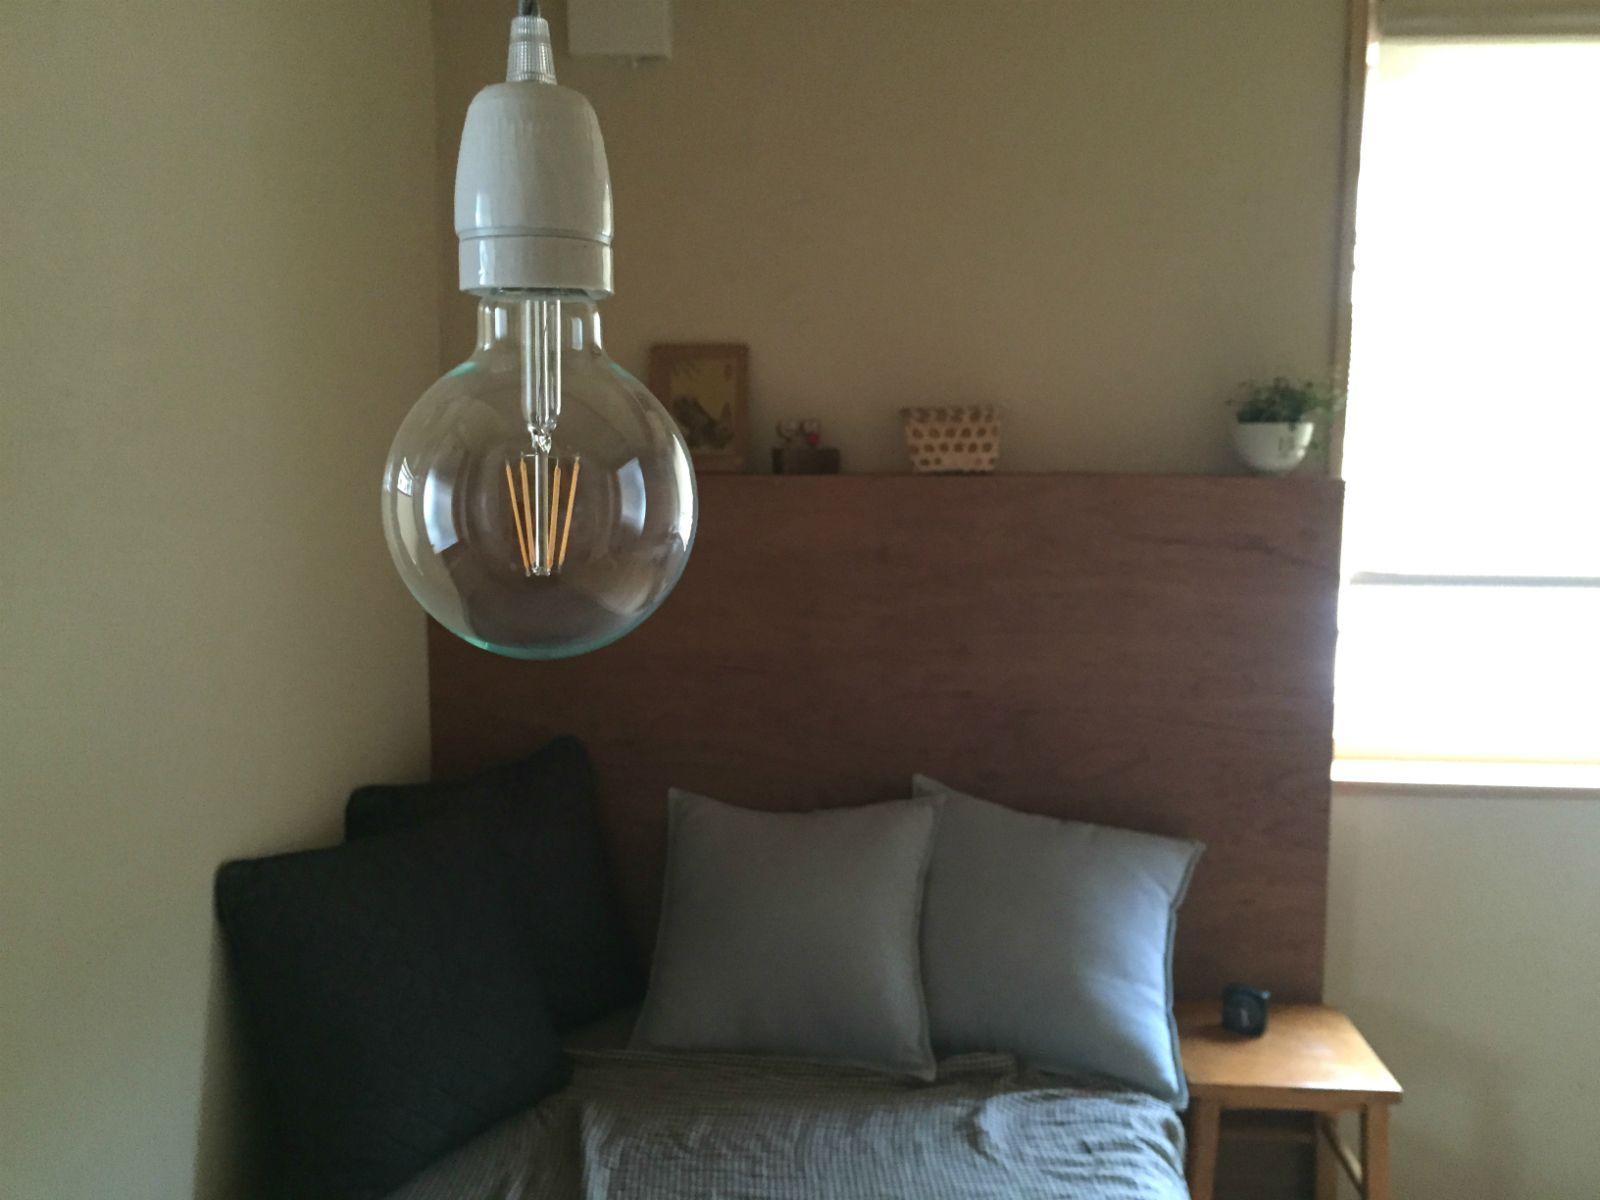 別の寝室ではヘッドボードをご夫婦でdiyされたそう ビンテージled電球 電球 Led電球 リノベーション Diy